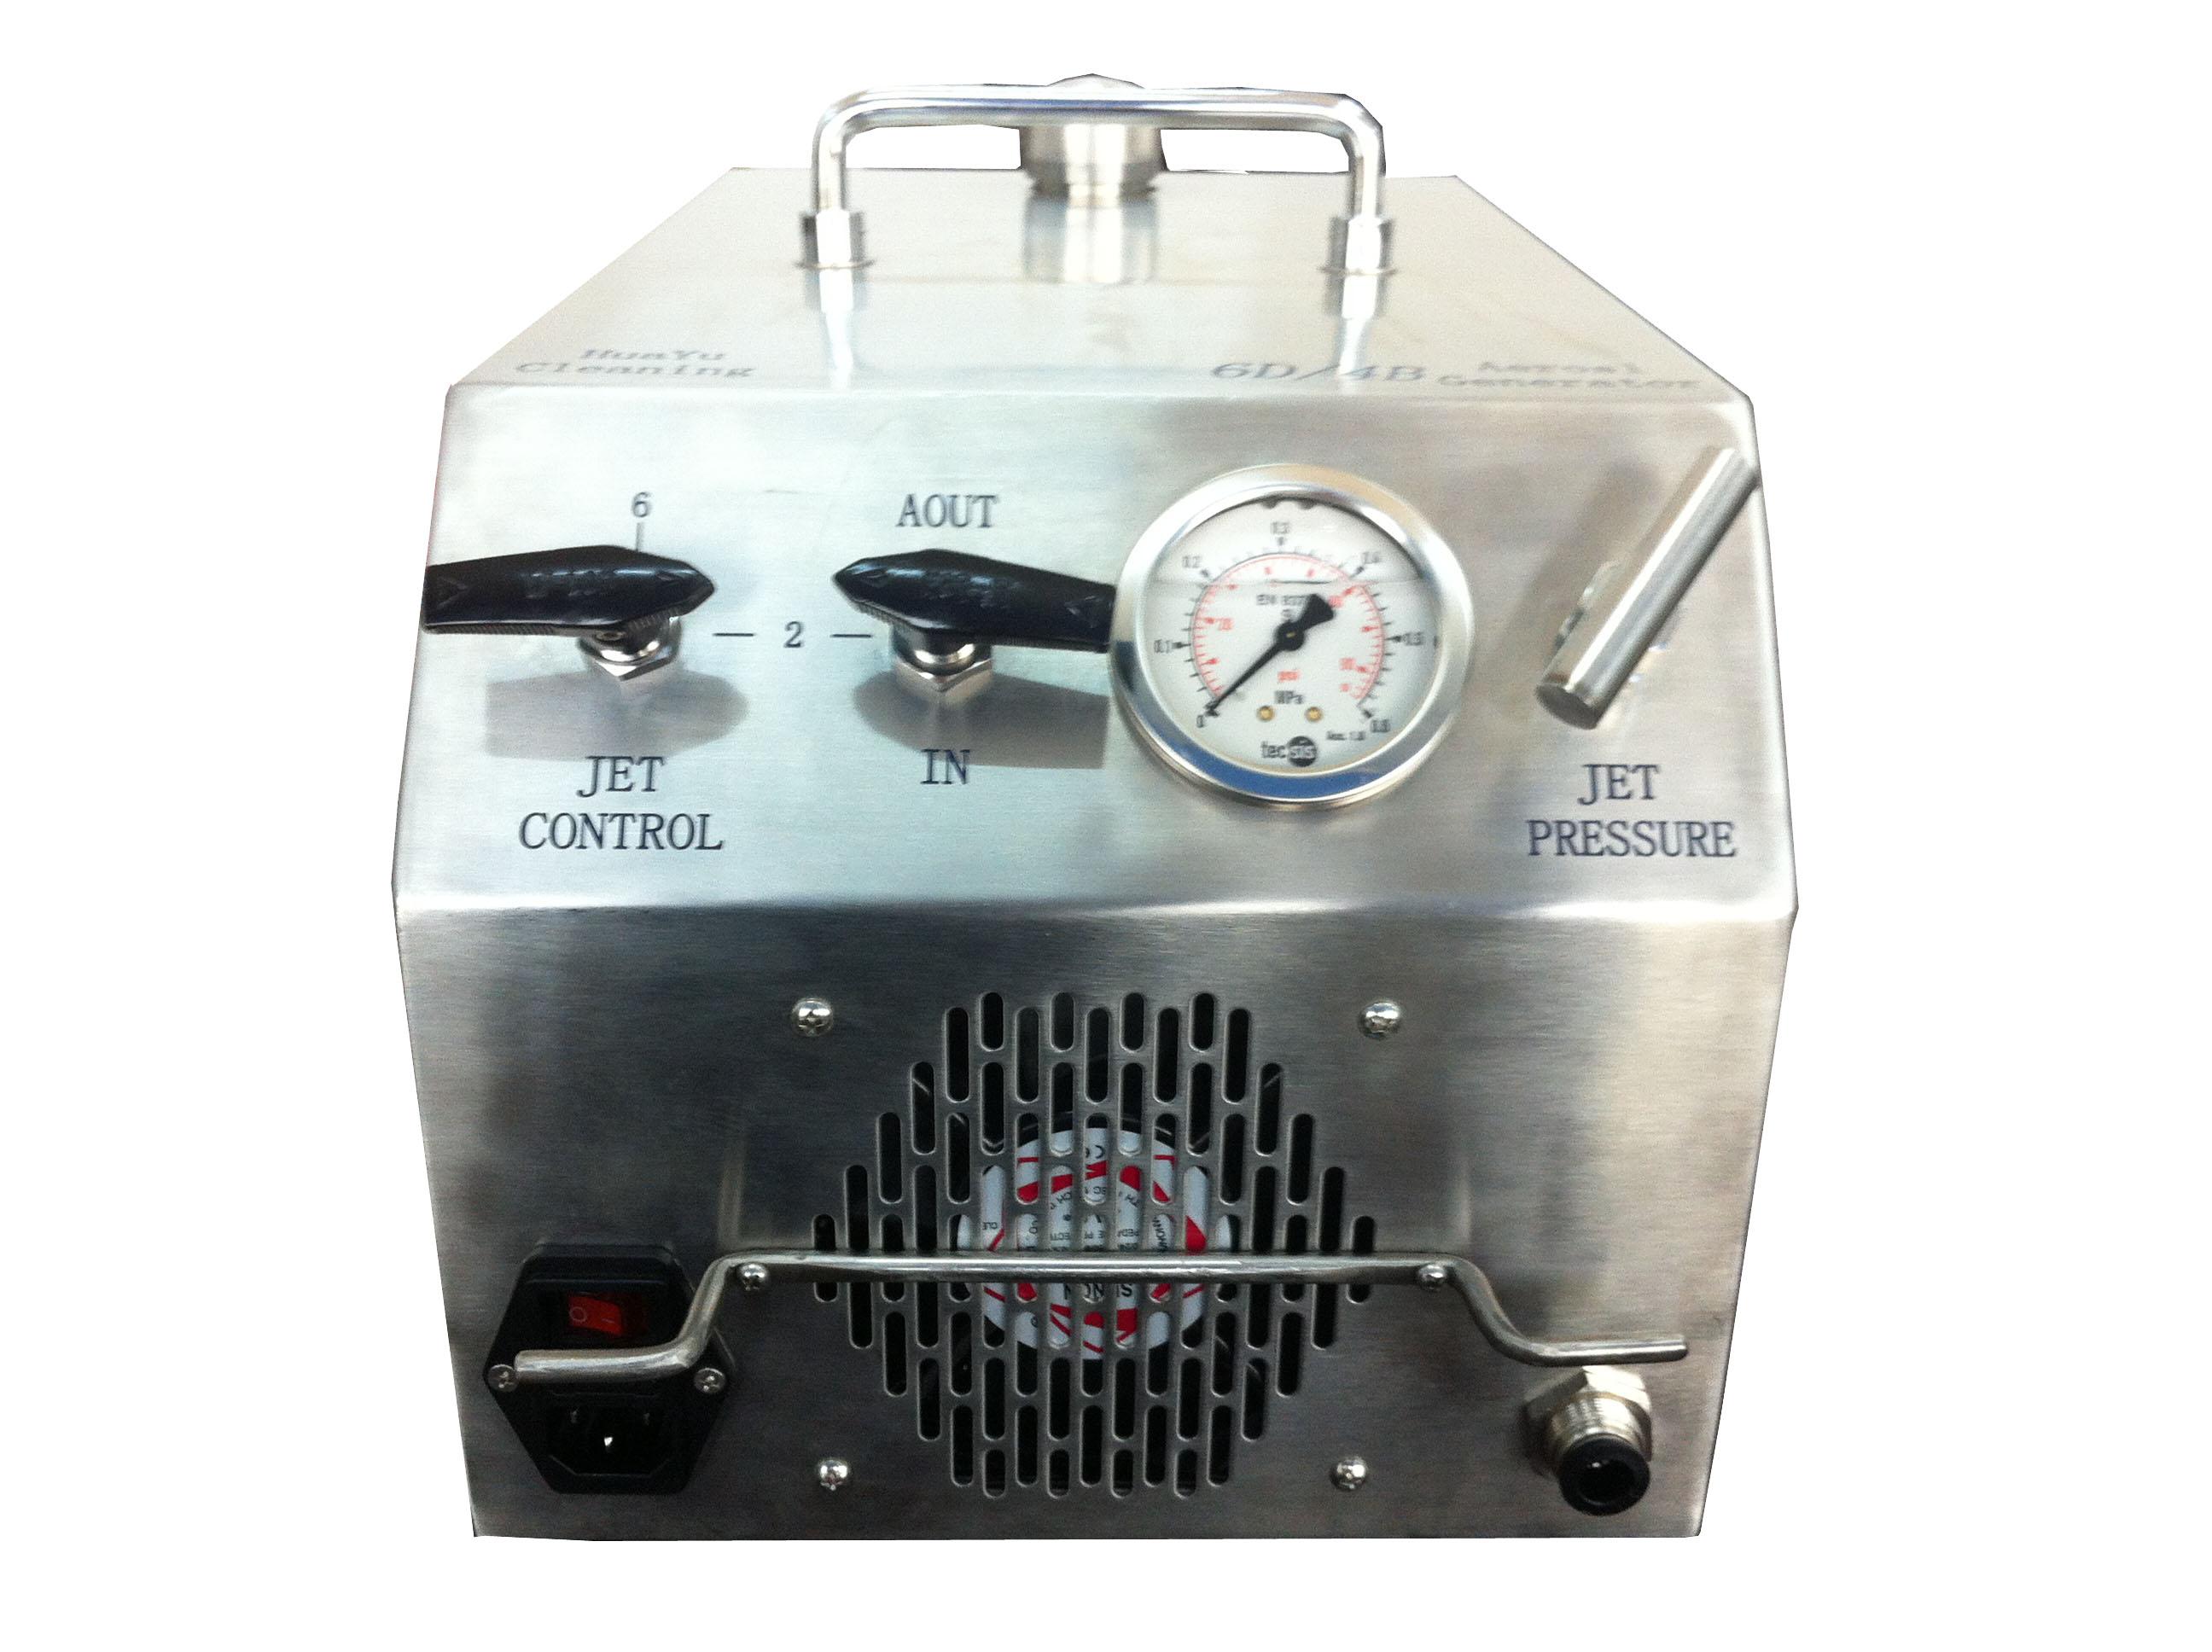 TDA-6D/4B型气溶胶悬浮粒子发生器是国内首创最新款两用型气溶胶发生器,既满足无压缩气体情况下的使用又满足有压缩气体情况下的使用,两种情况下两种方式的切换操作,同样以Laskin nozzle喷射型可以在气流流量从50到5000立方英尺每分钟的气流中产生次微米且浓度在10到100微克每升的悬浮粒子。所有的Laskin nozzle喷射型产尘仪都采用耐用的不锈钢结构,大的填充口,独立的喷嘴控制,压力控制和3''标准的清洁接头输出,一个可选的适配器可使悬浮粒子导入正压系统,无论您什